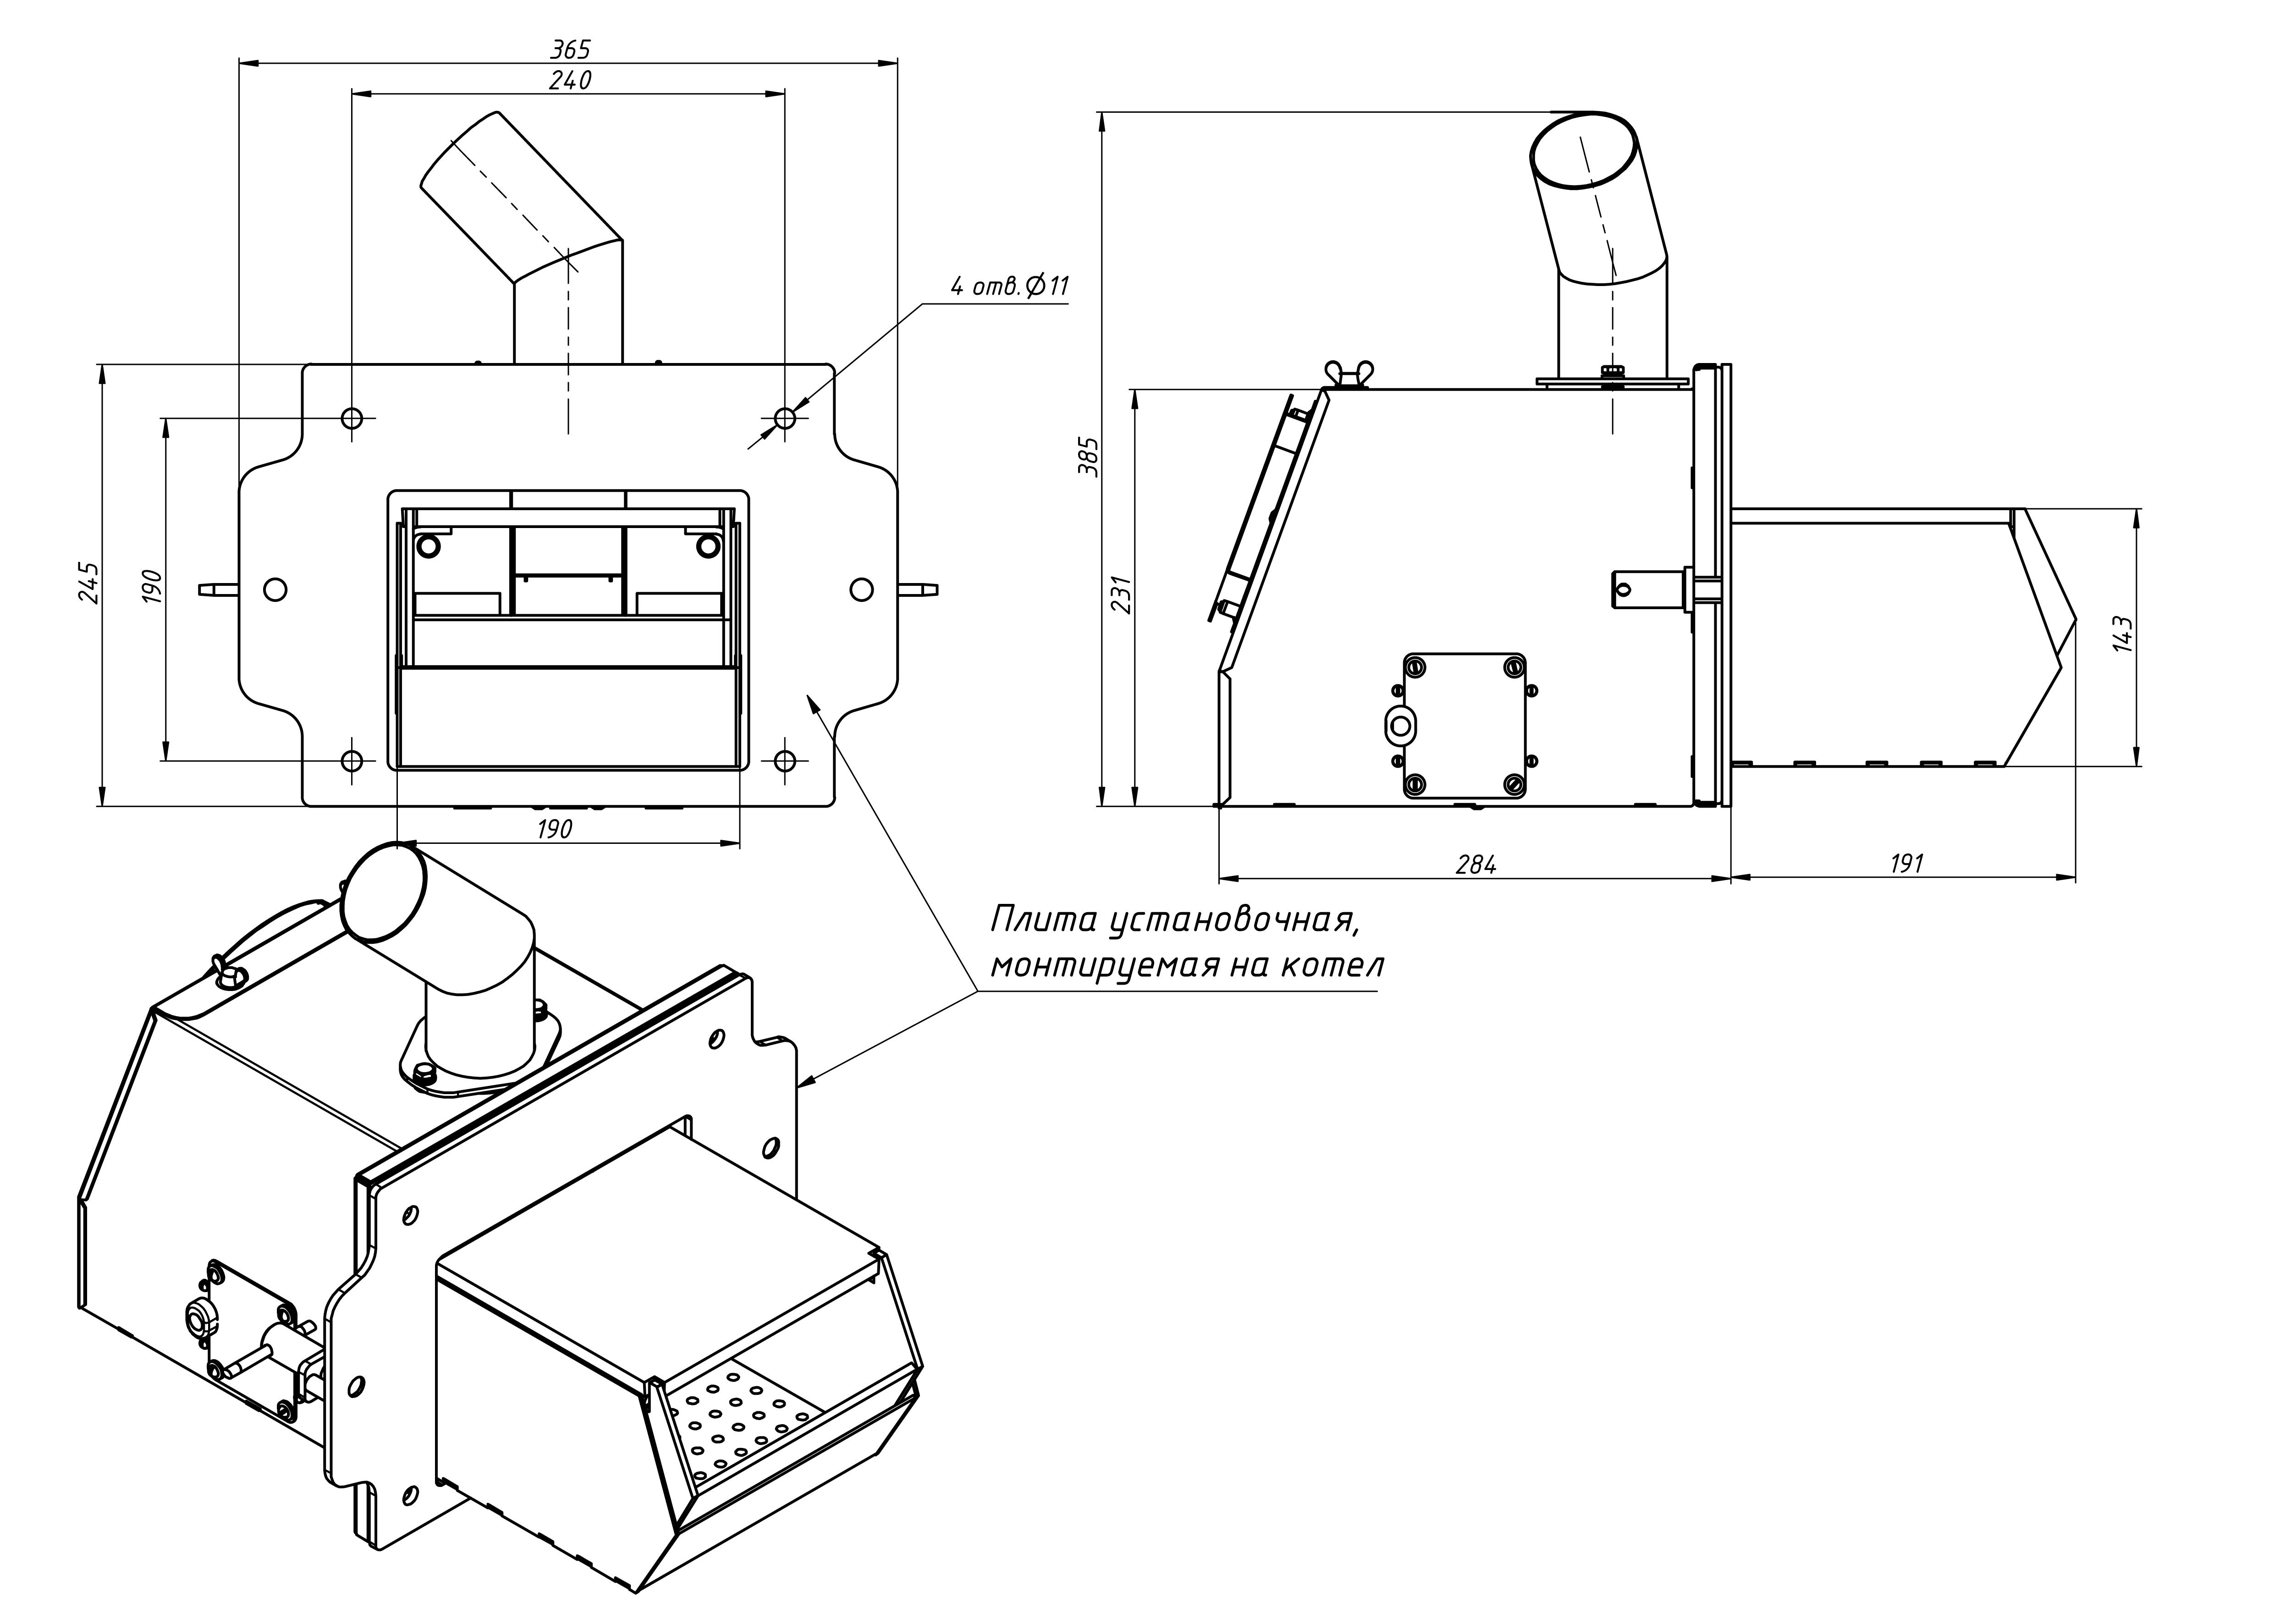 Пеллетный котел: сборка своими руками, установка, чертежи, принцип работы и устройство